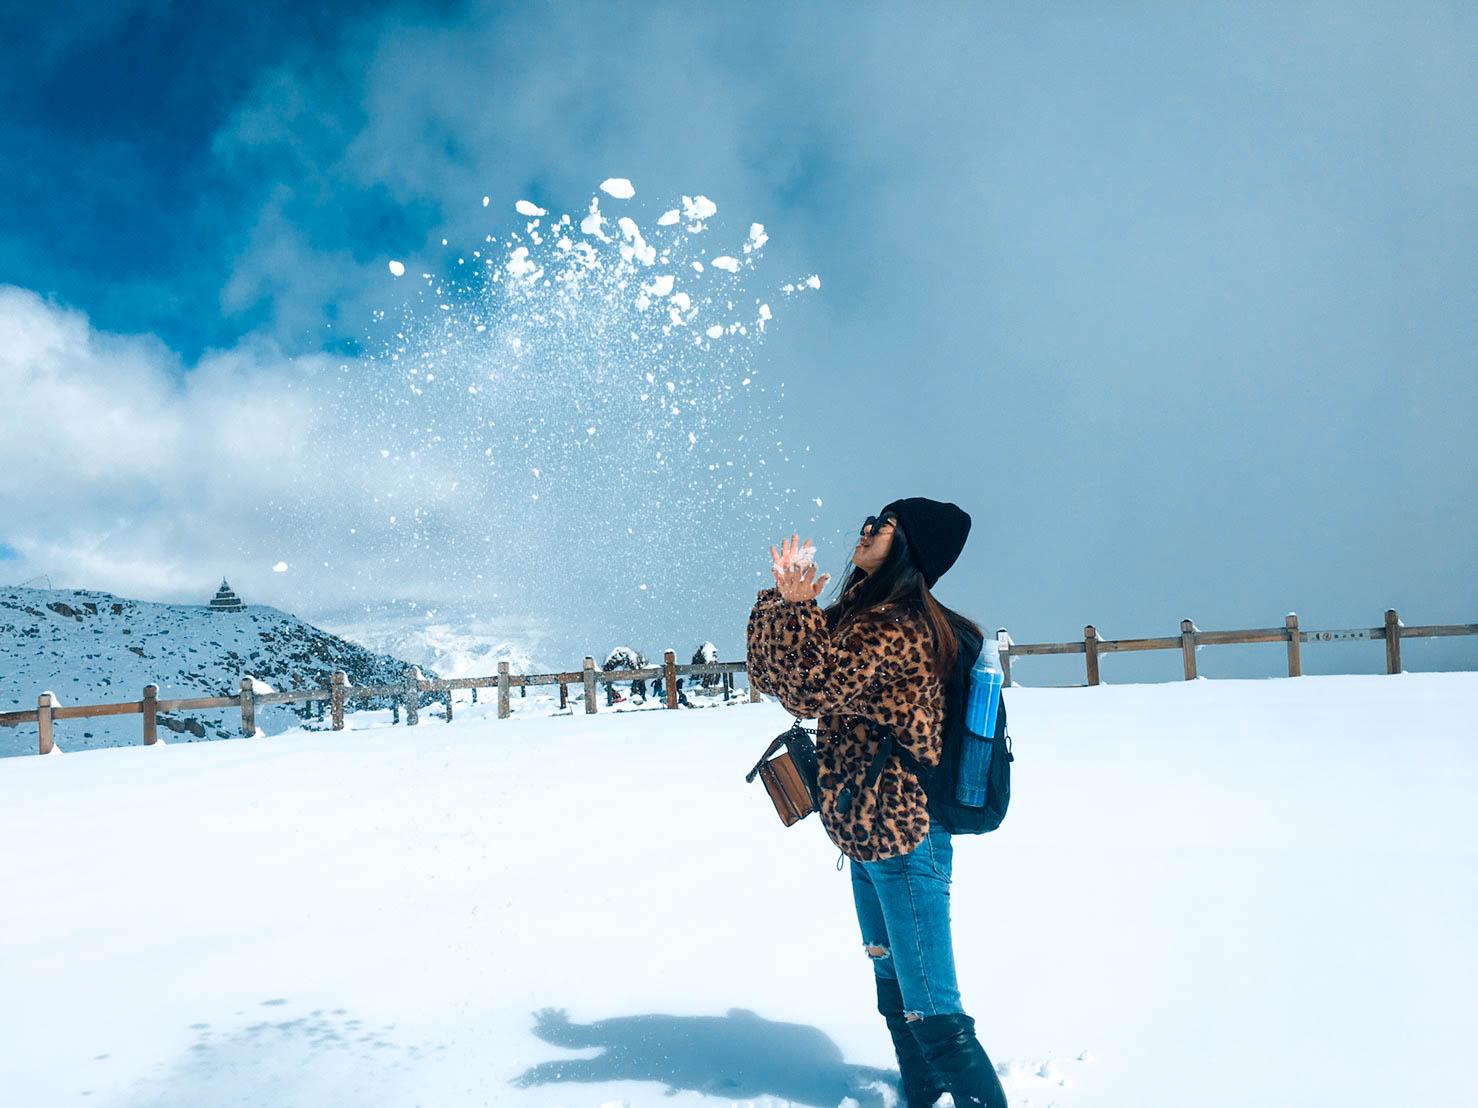 อุทยานสวรรค์ภูผาหิมะการ์เซีย ทัวร์จีน ทัวร์จิ่วจ้ายโก Jiuzhaigo